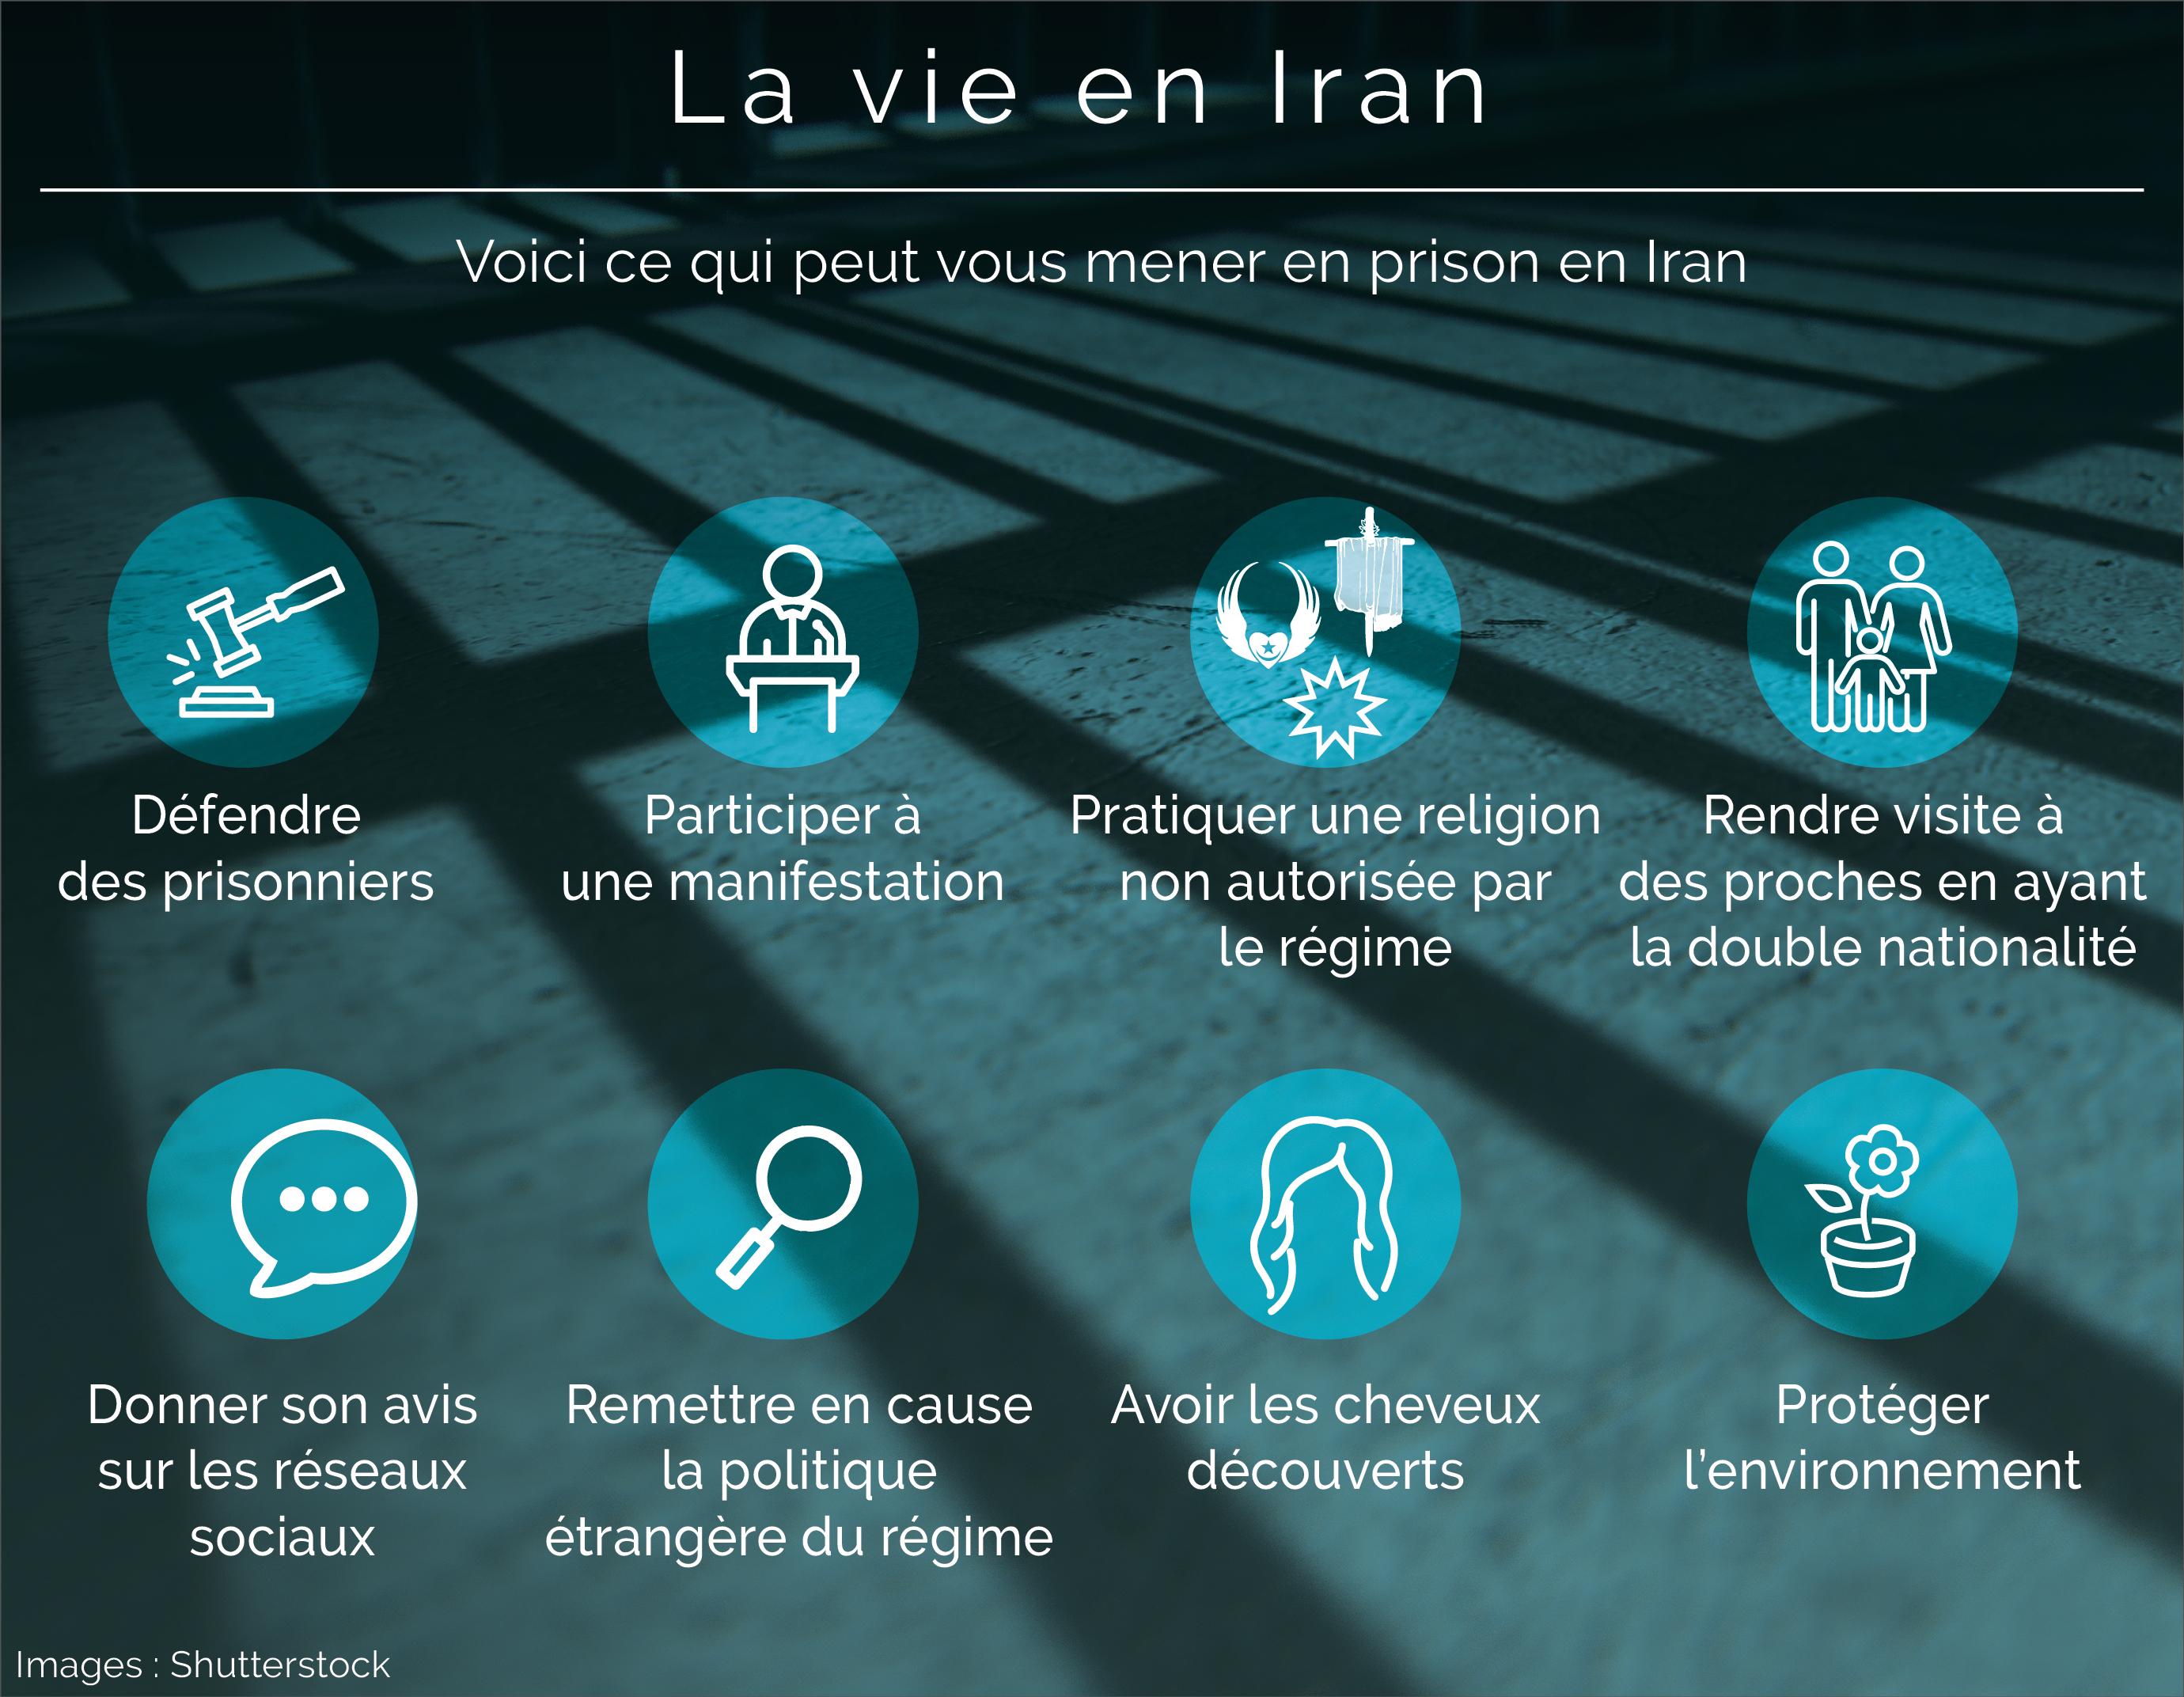 Illustration indiquant les activités qui peuvent vous mener en prison en Iran (Département d'Etat/Images © Shutterstock)